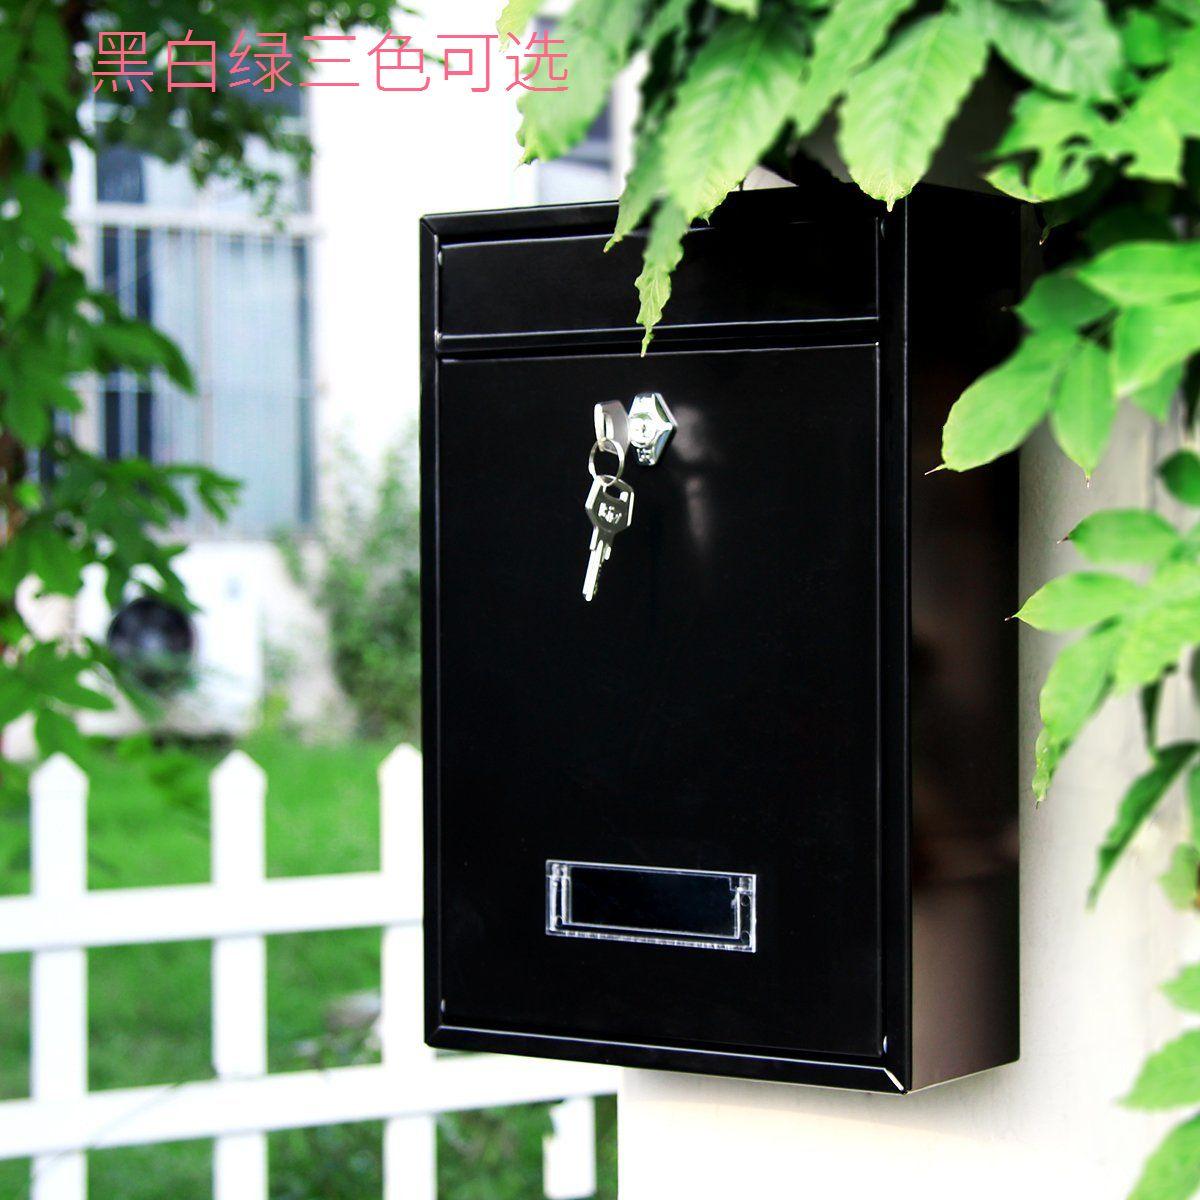 Маленькая почтовая ящик с паролем водонепроницаемый Антикоррозийная коробка с кованым железным почтовым ящиком